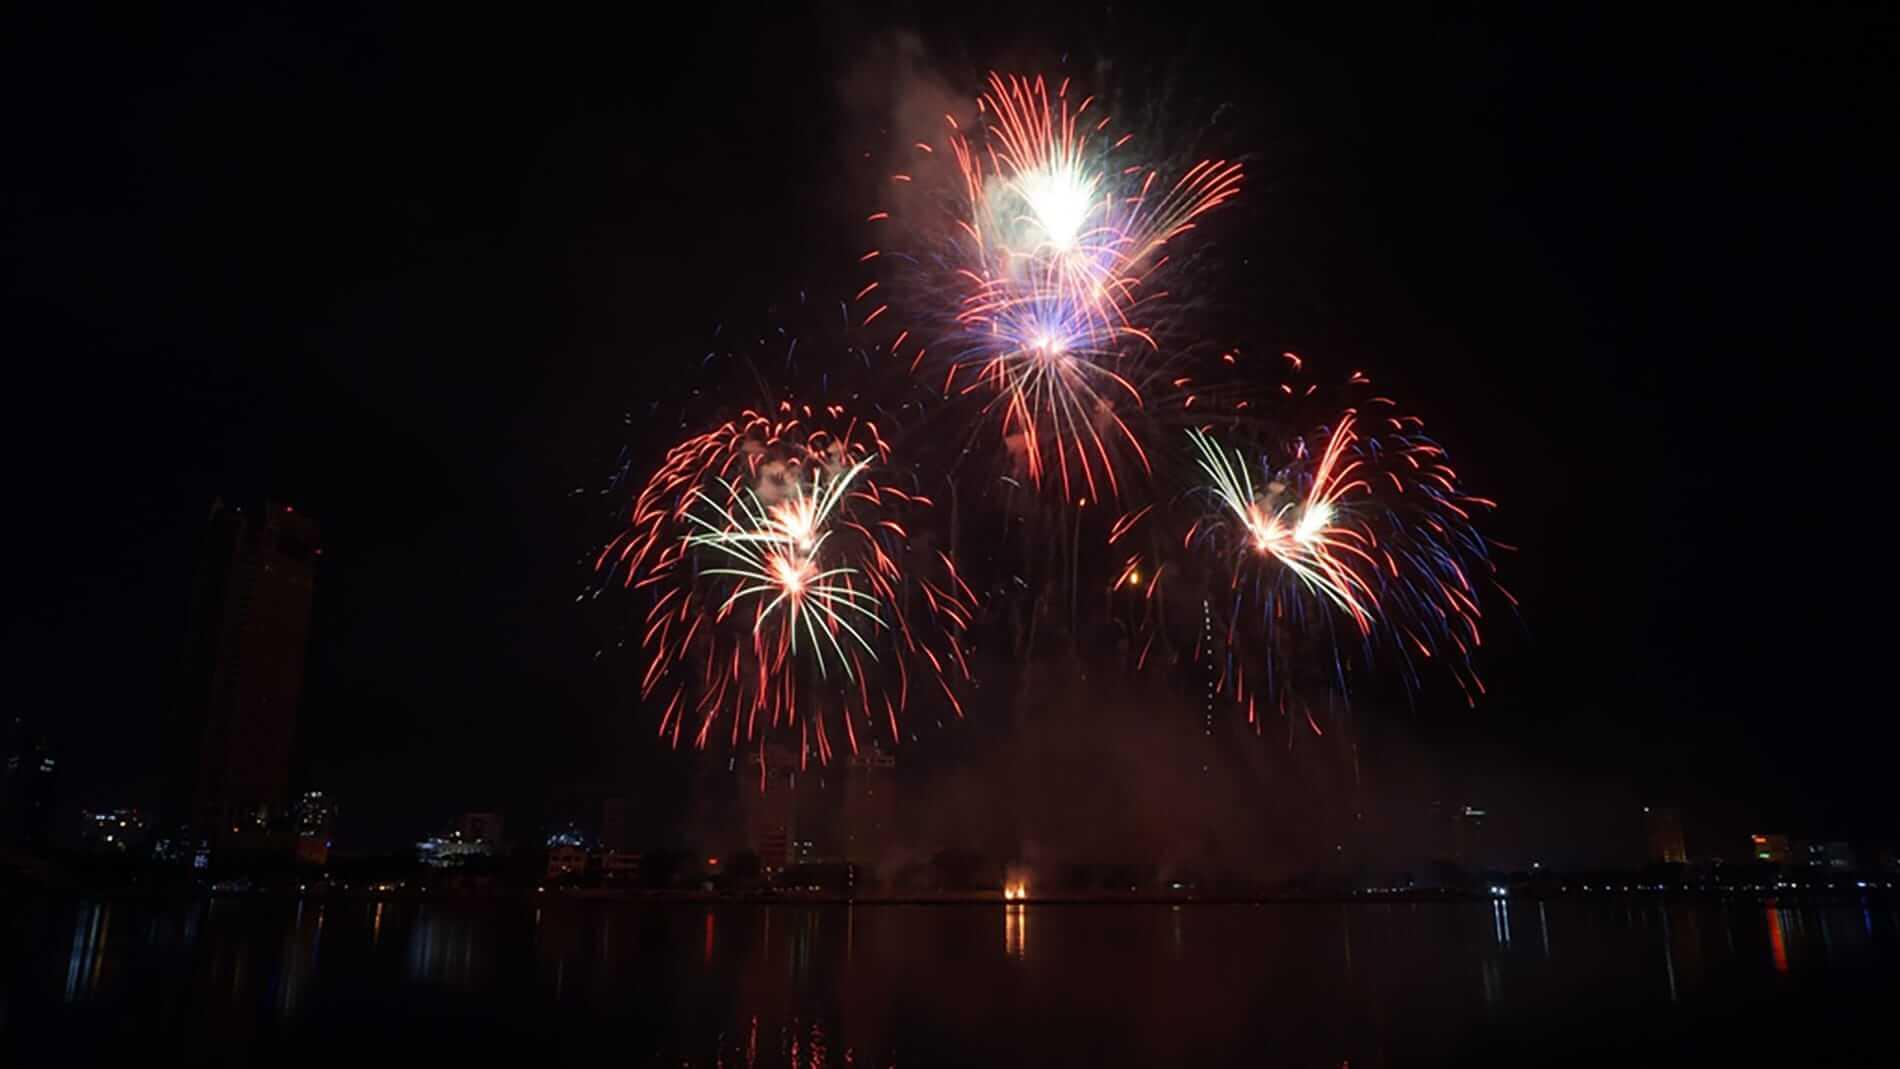 Fireworks light up the Da Nang skyline - Da Nang Fireworks Festival